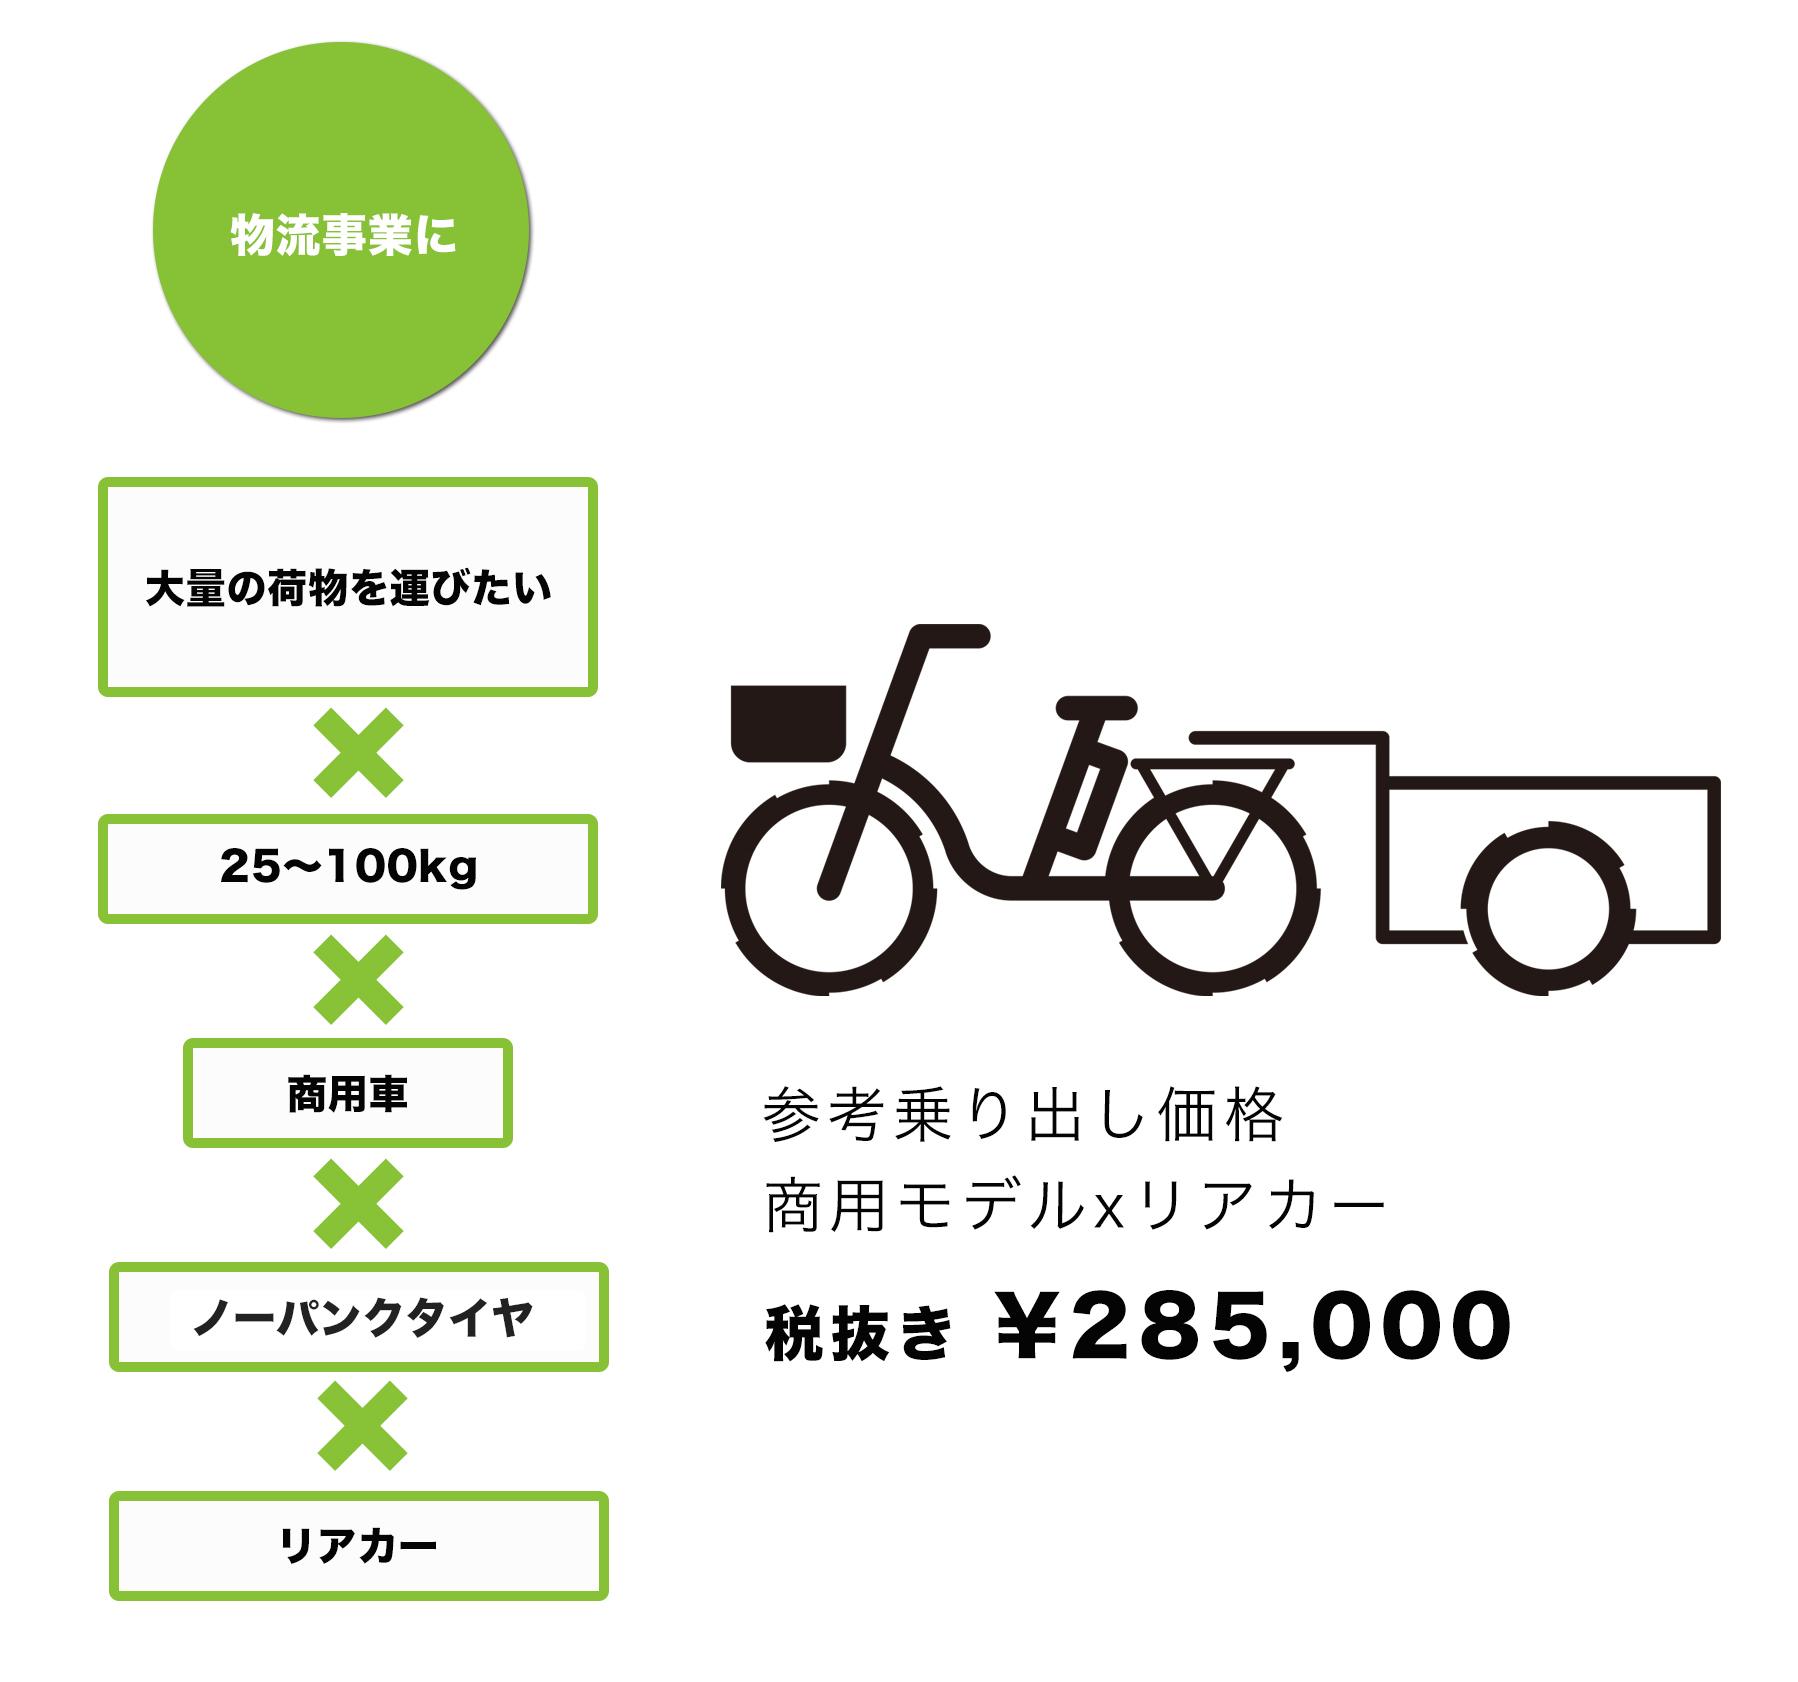 物流事業に|参考乗り出し価格285000円|電動アシスト自転車専門店オギヤマサイクル